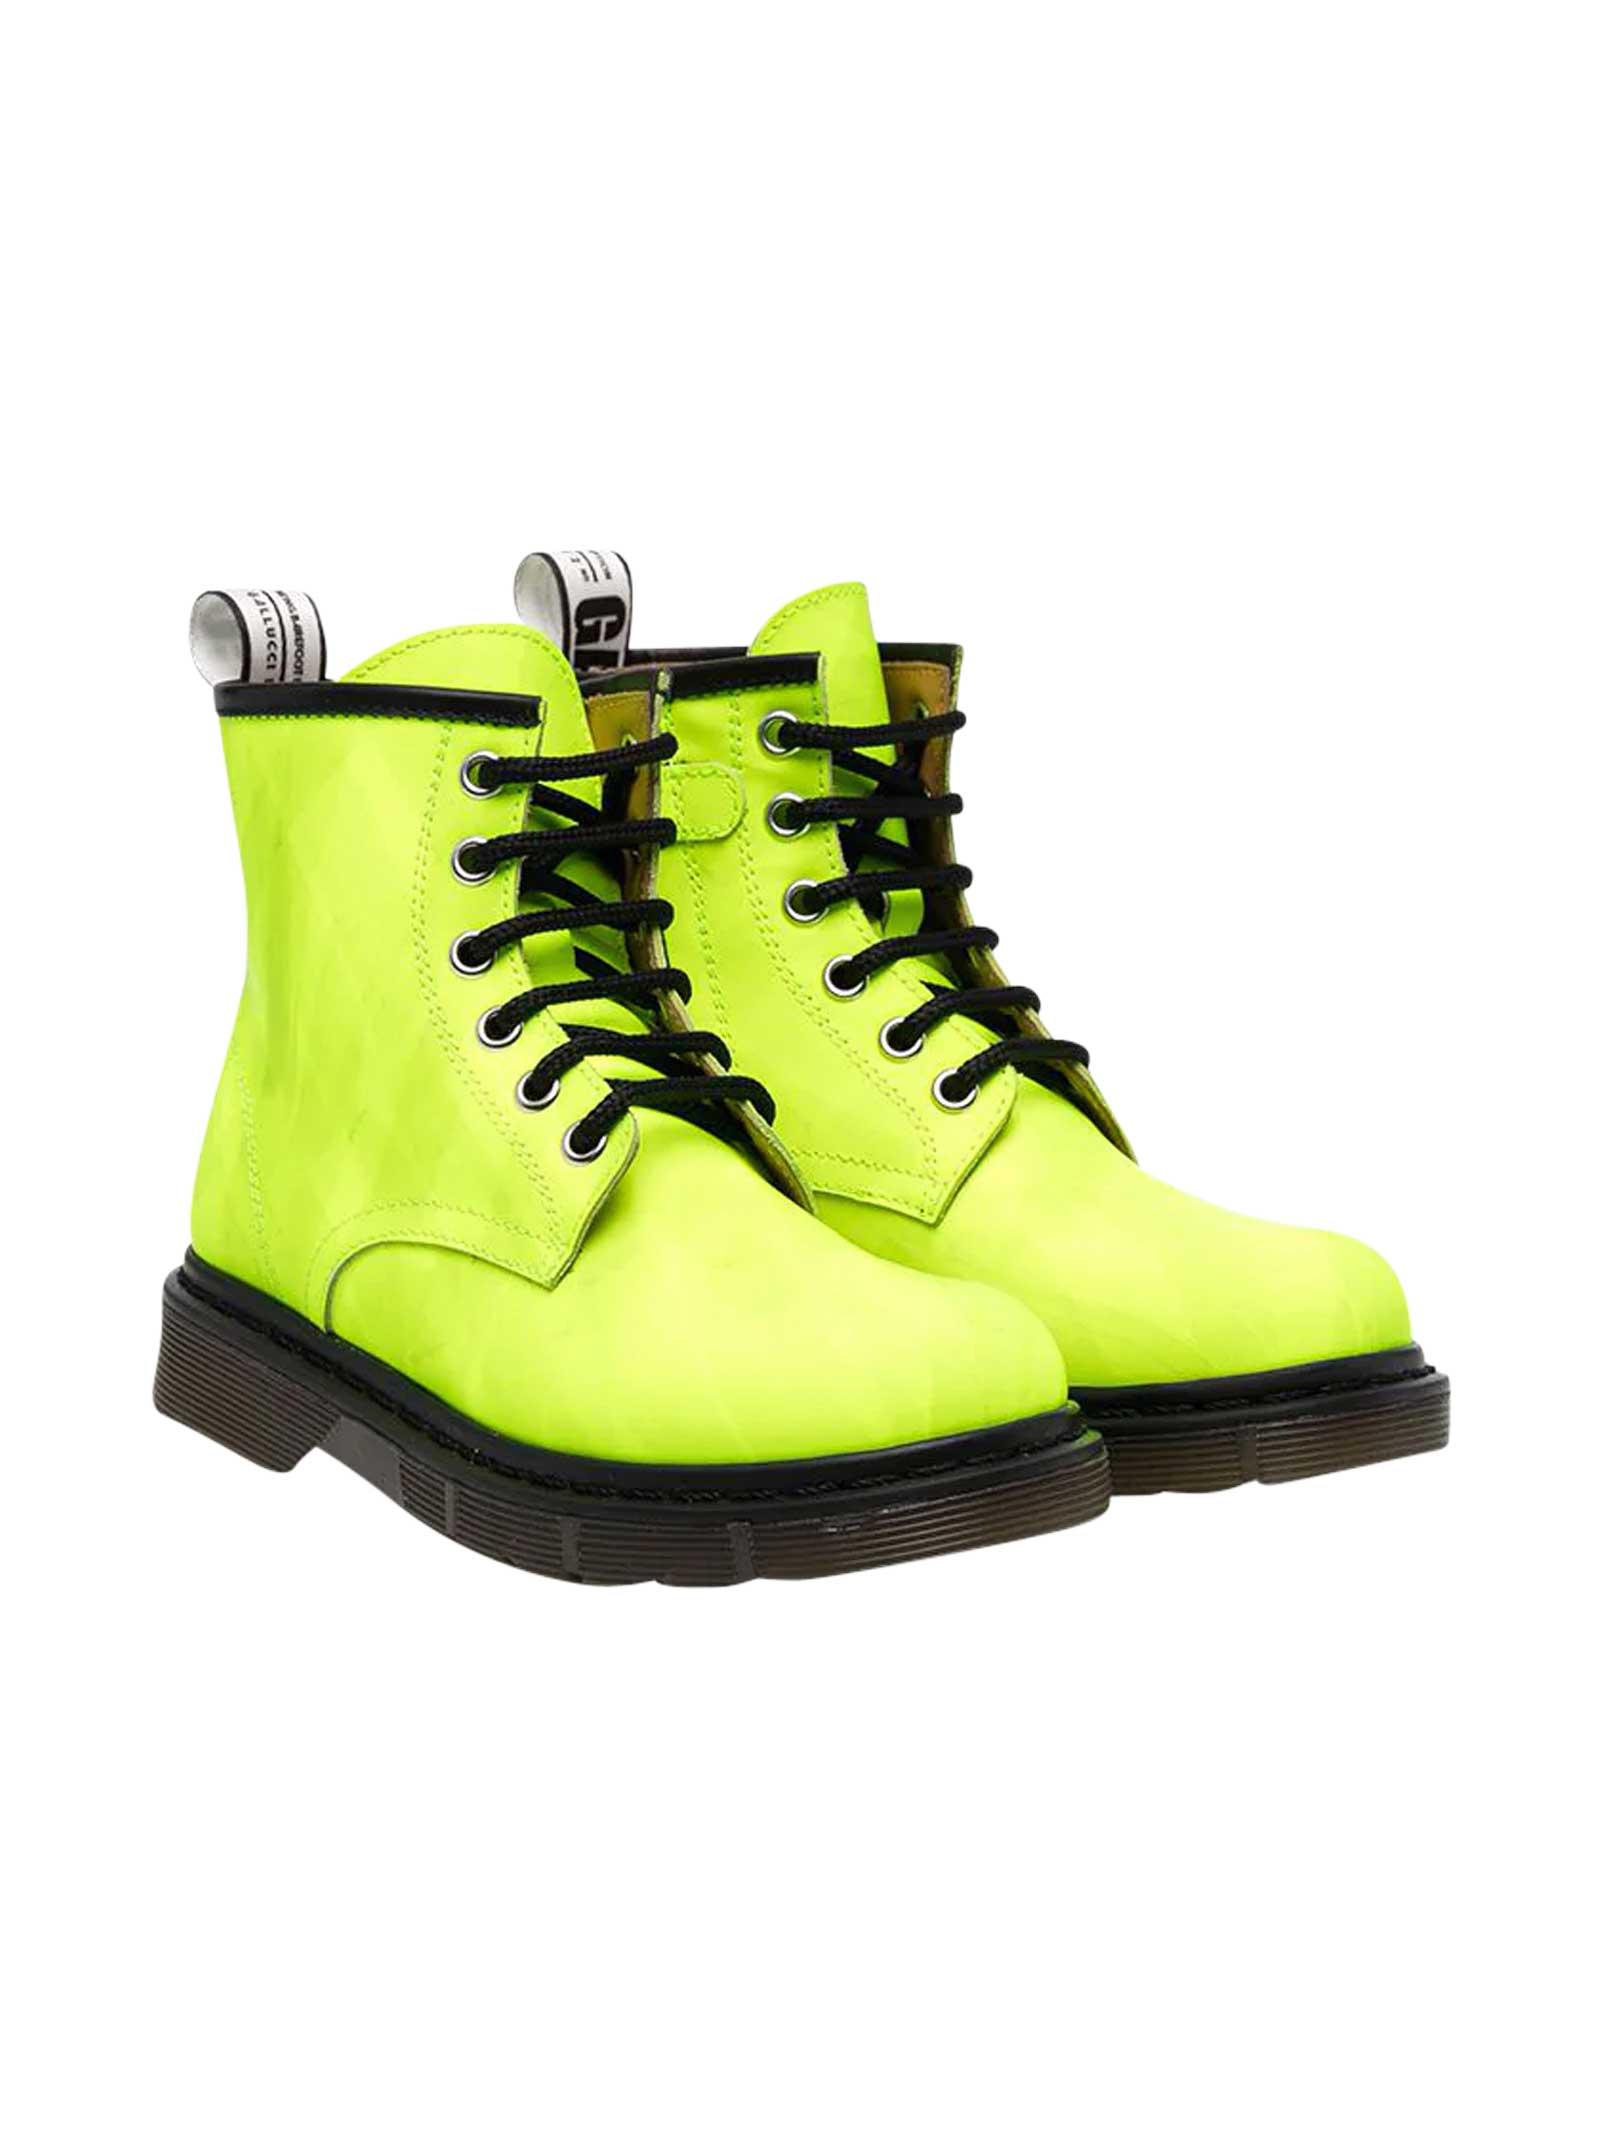 Gallucci TEEN GREEN COMBAT BOOTS